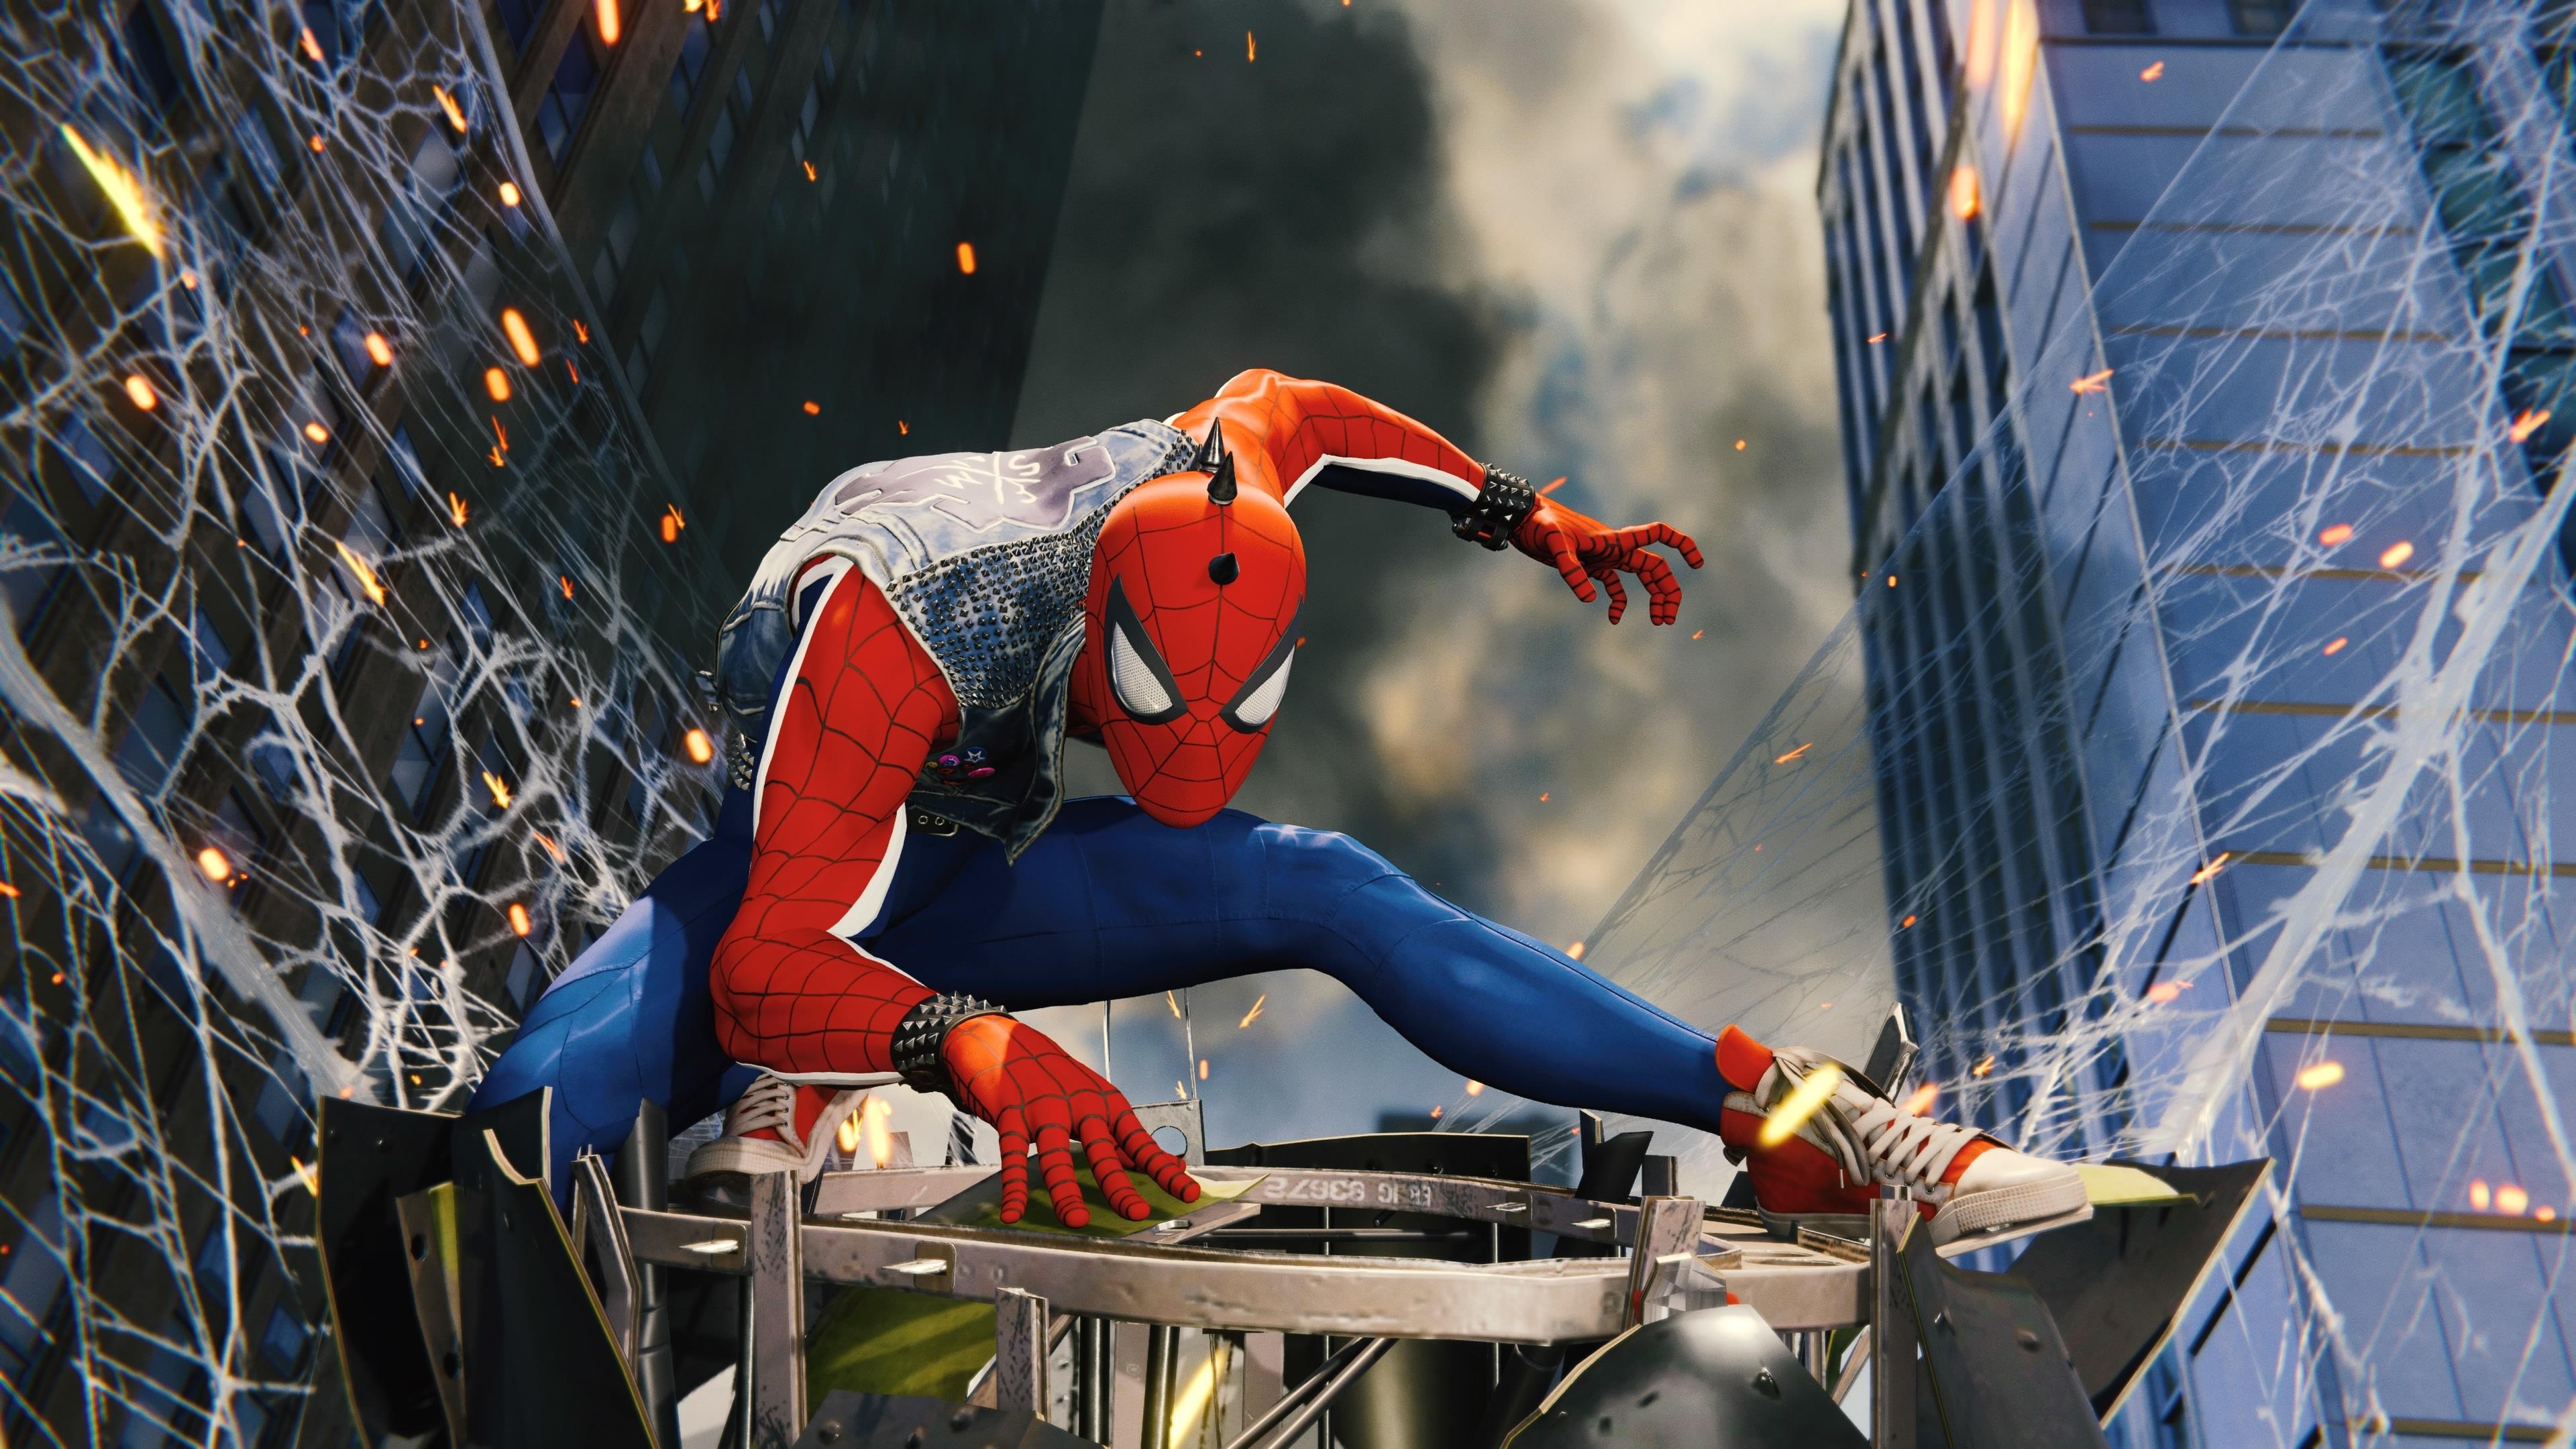 Funky Spiderman Ps4 4k, HD Superheroes, 4k Wallpapers ...